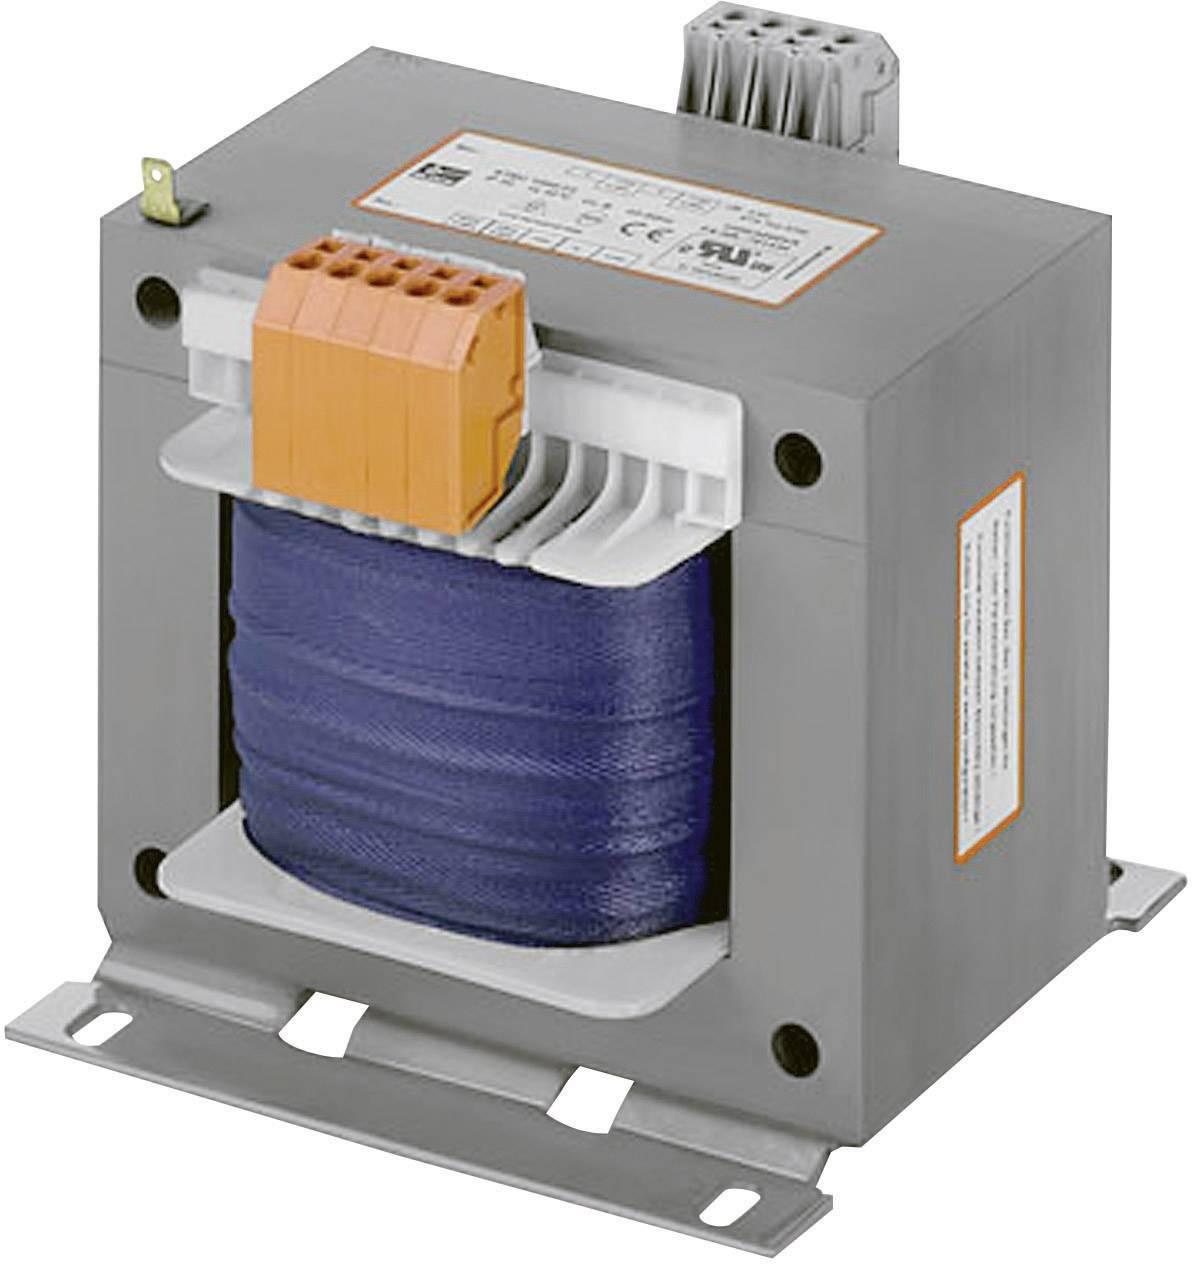 Bezpečnostný transformátor, riadiaci transformátor, izolačný transformátor Block STEU 630/23, 630 VA